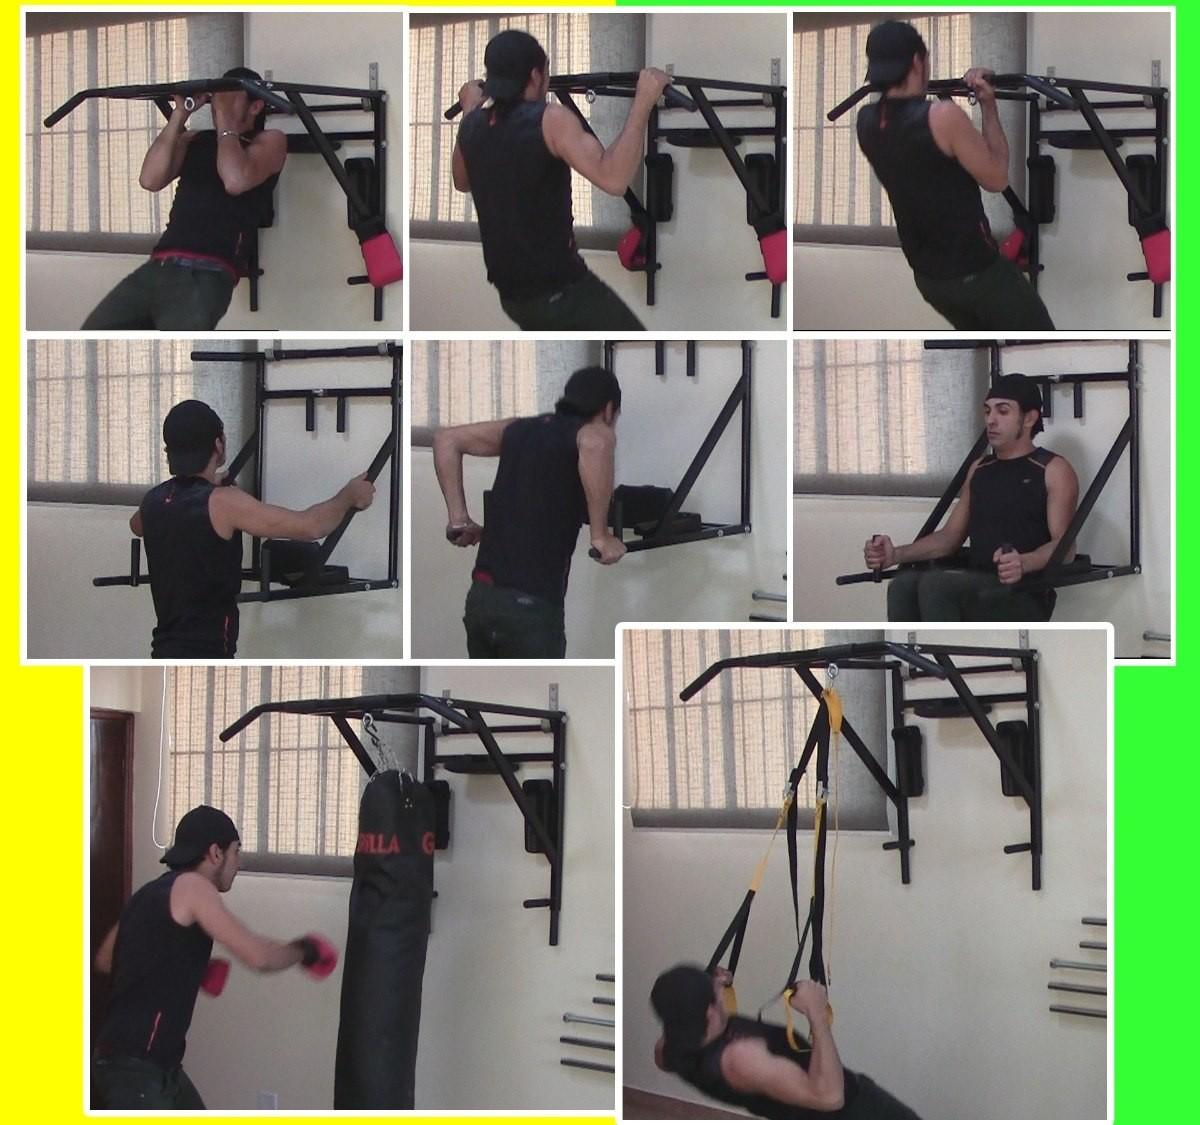 Foto7 - Barra Fixa e Paralela / Mista de Parede 4 Em 1 Multiuso. Exclusividade no Brasil. Menor Preço e Melhor Qualidade! - Fitness Prado